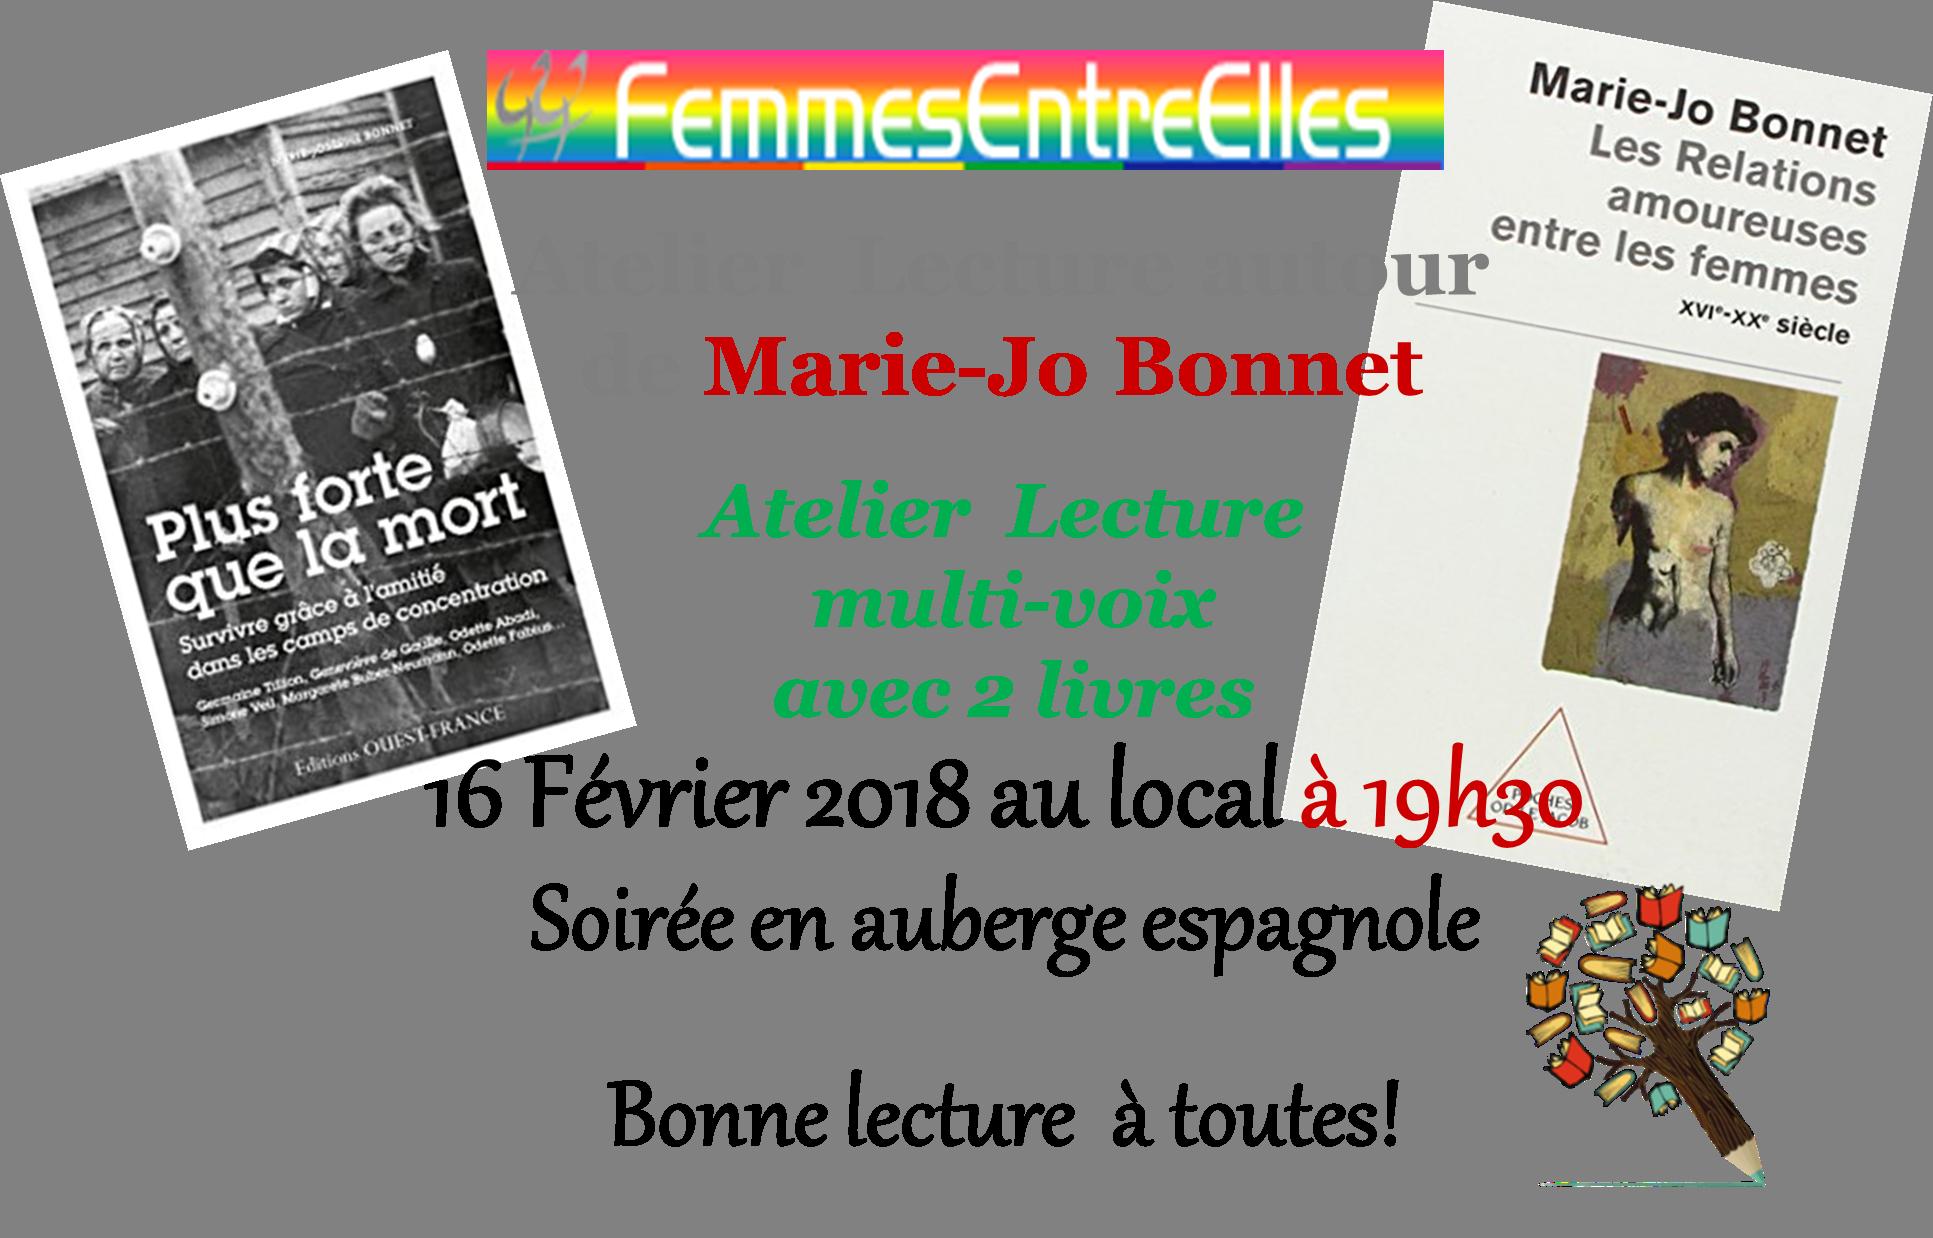 [FEE] : Atelier Lecture le 16 Février 2018 autour de Marie-Jo Bonnet